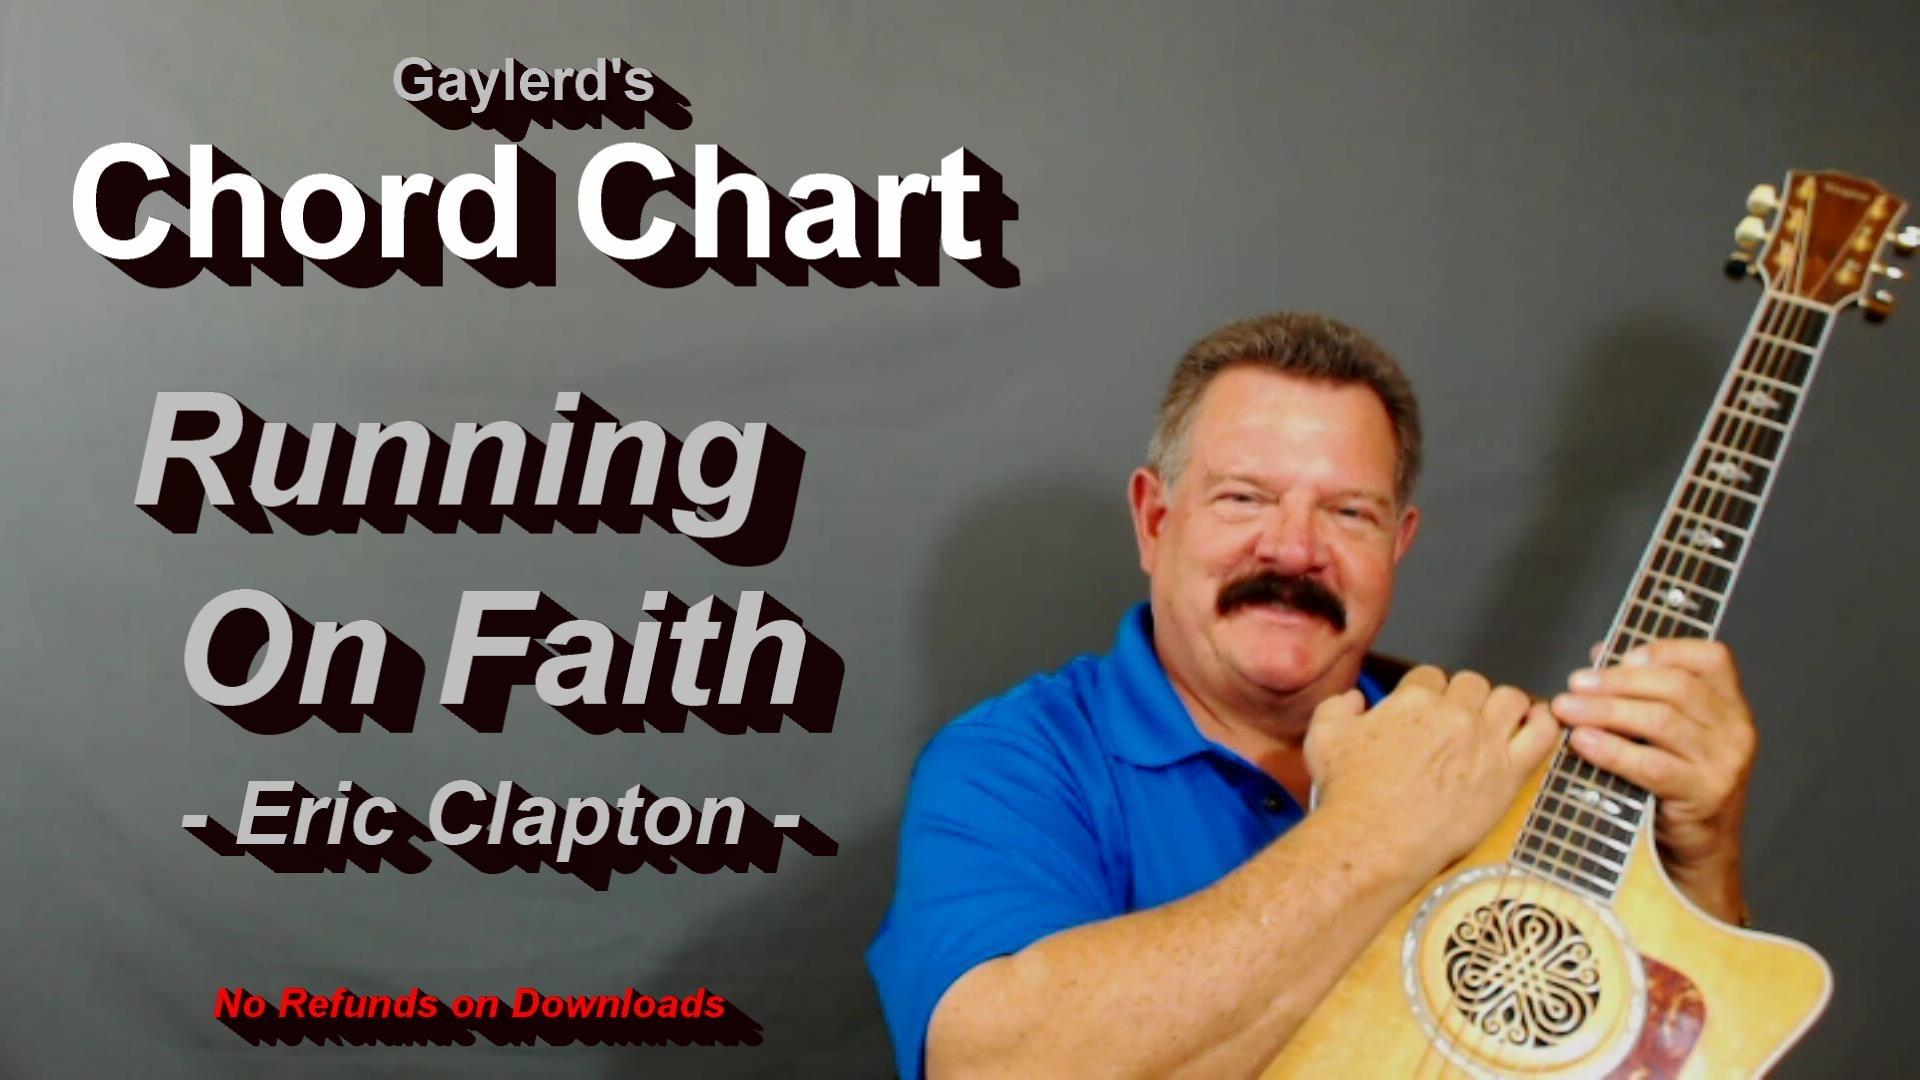 Running on Faith - Chord Chart